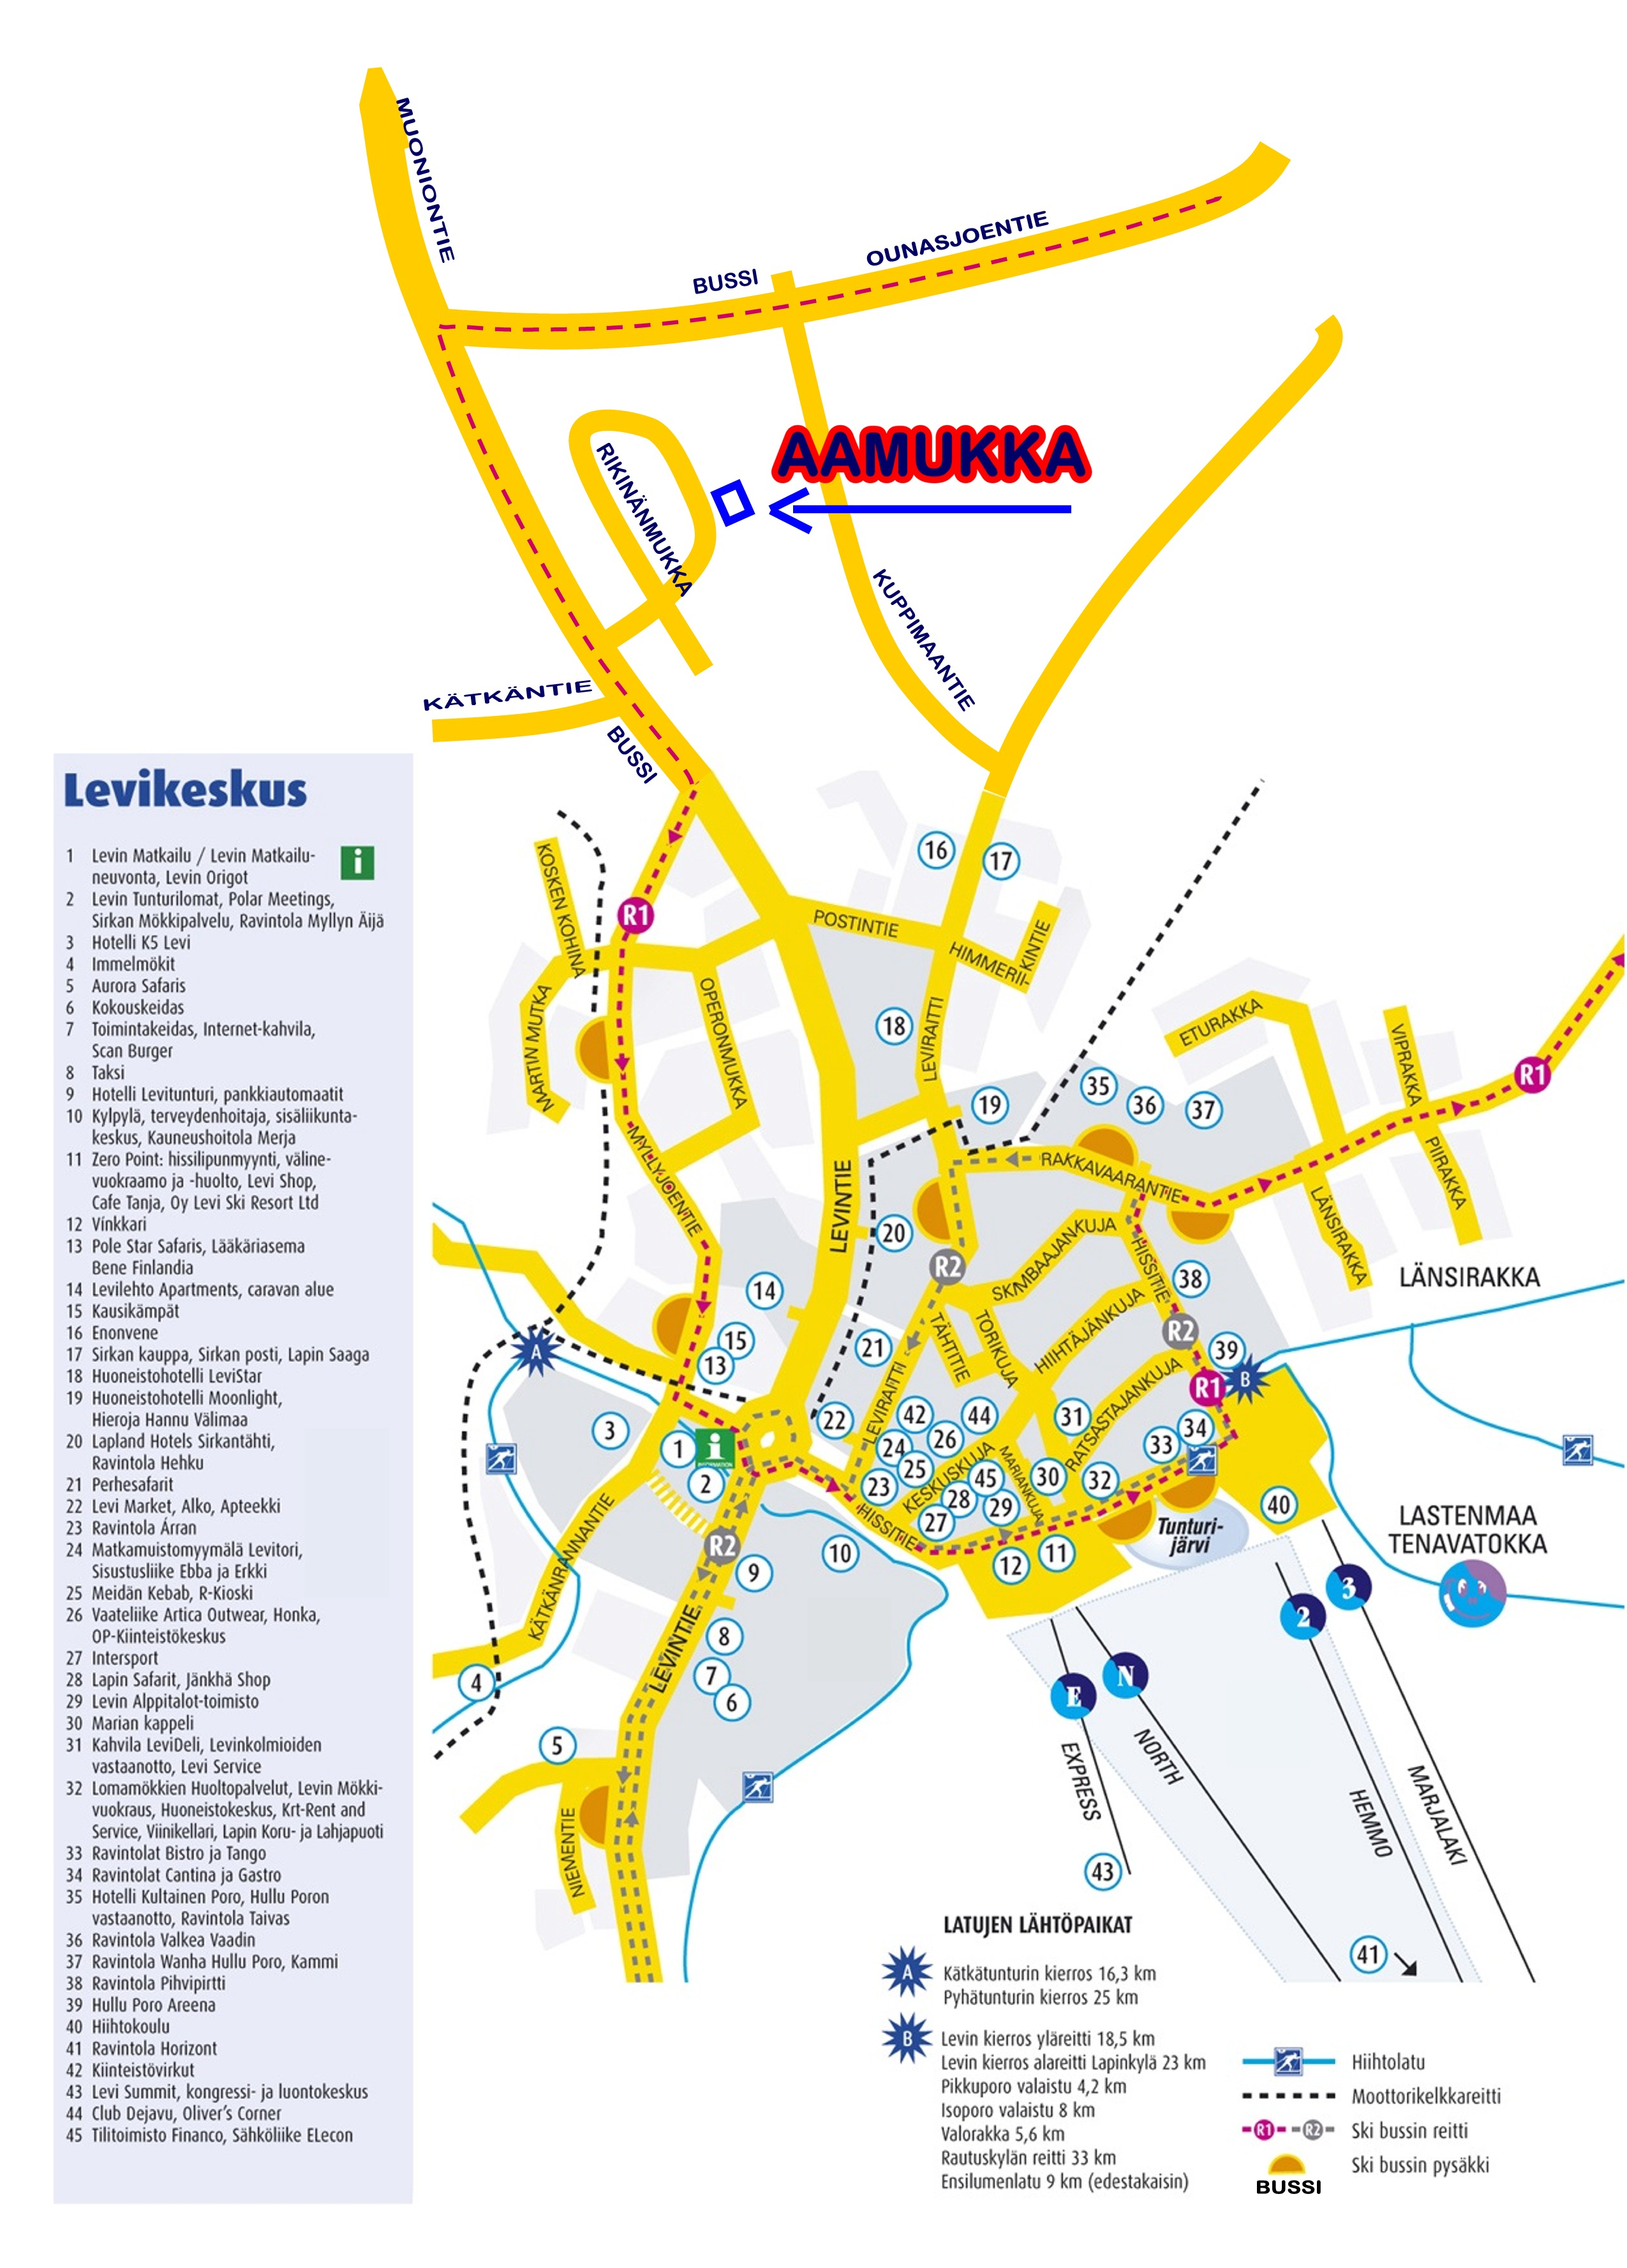 In English Aamukka Fi